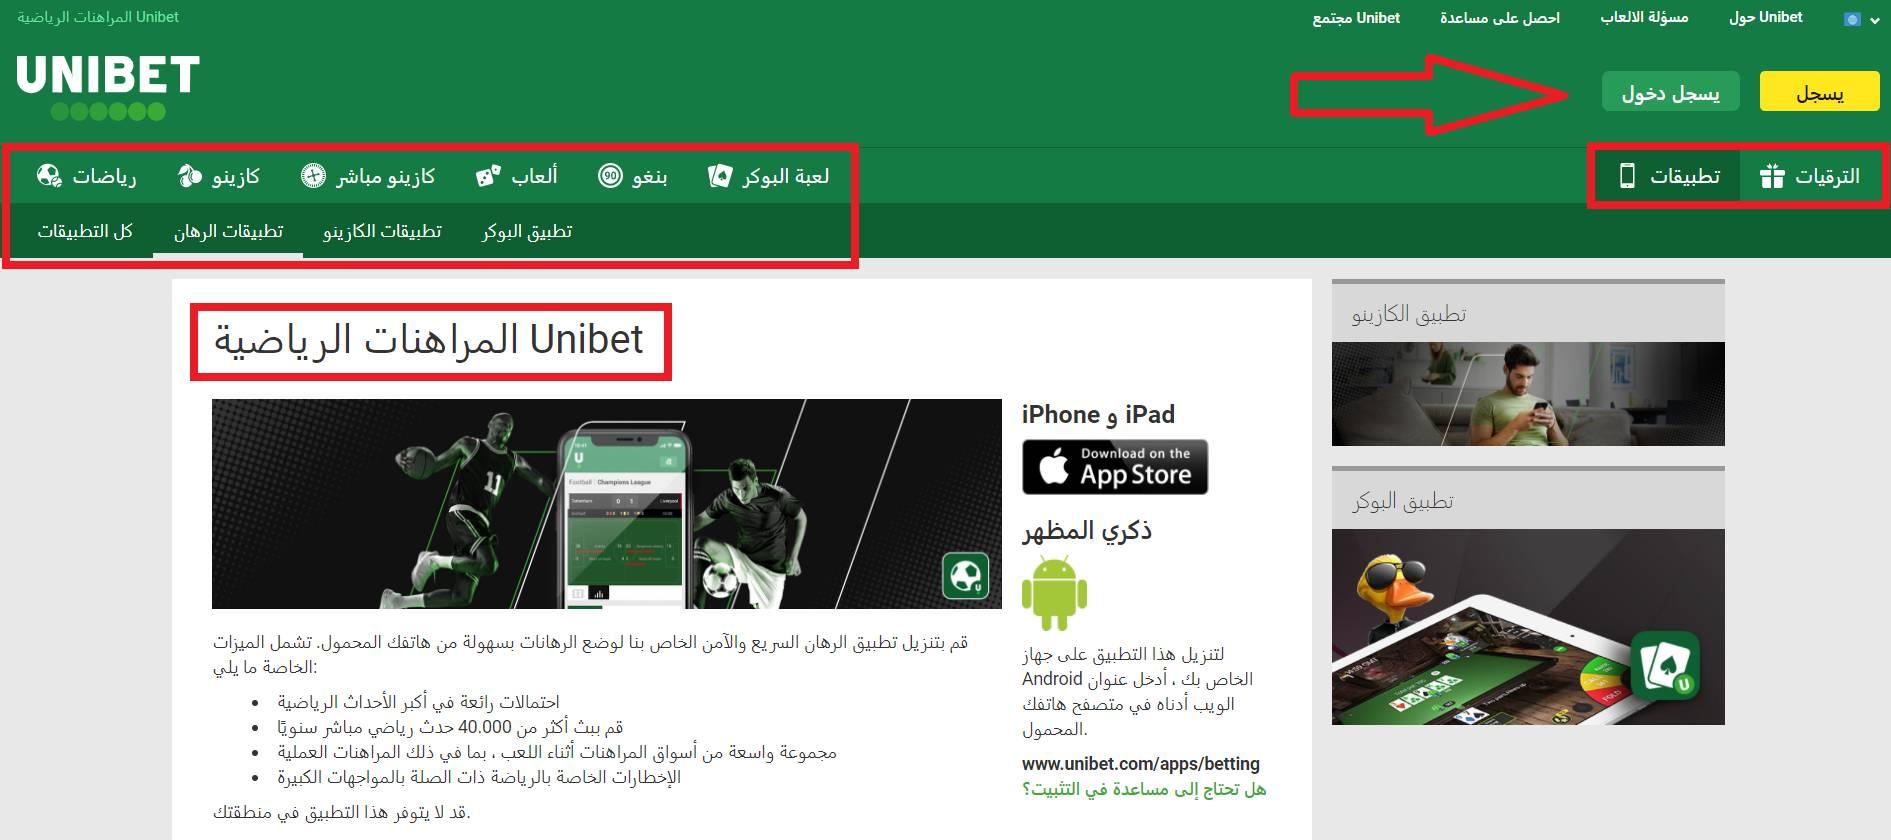 تنزيل البرنامج iPhone لجهاز من Unibet